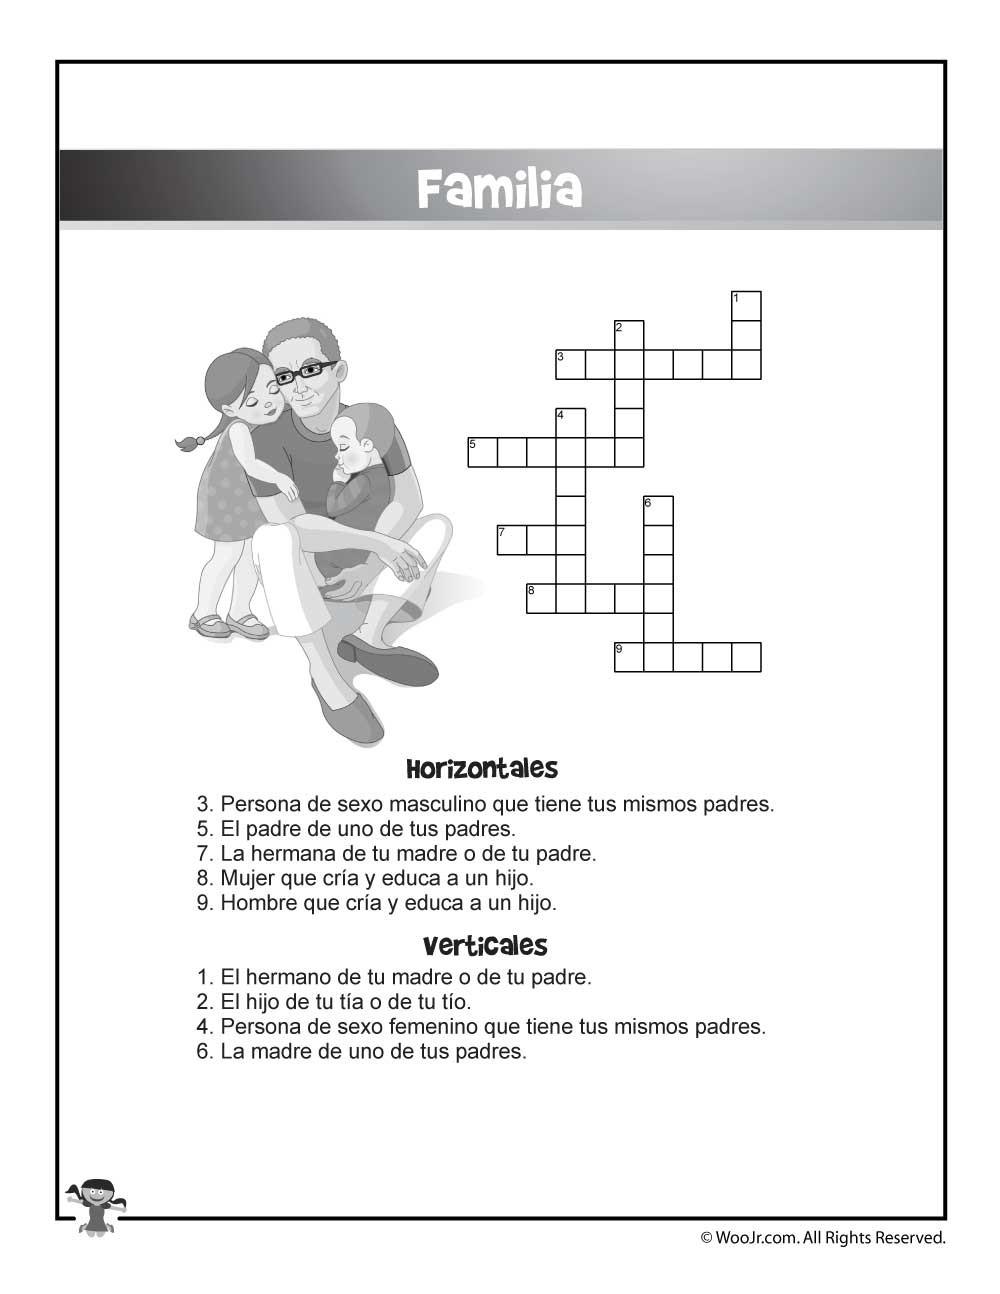 La Familia Worksheet In Spanish Familia Spanish Crossword Puzzle